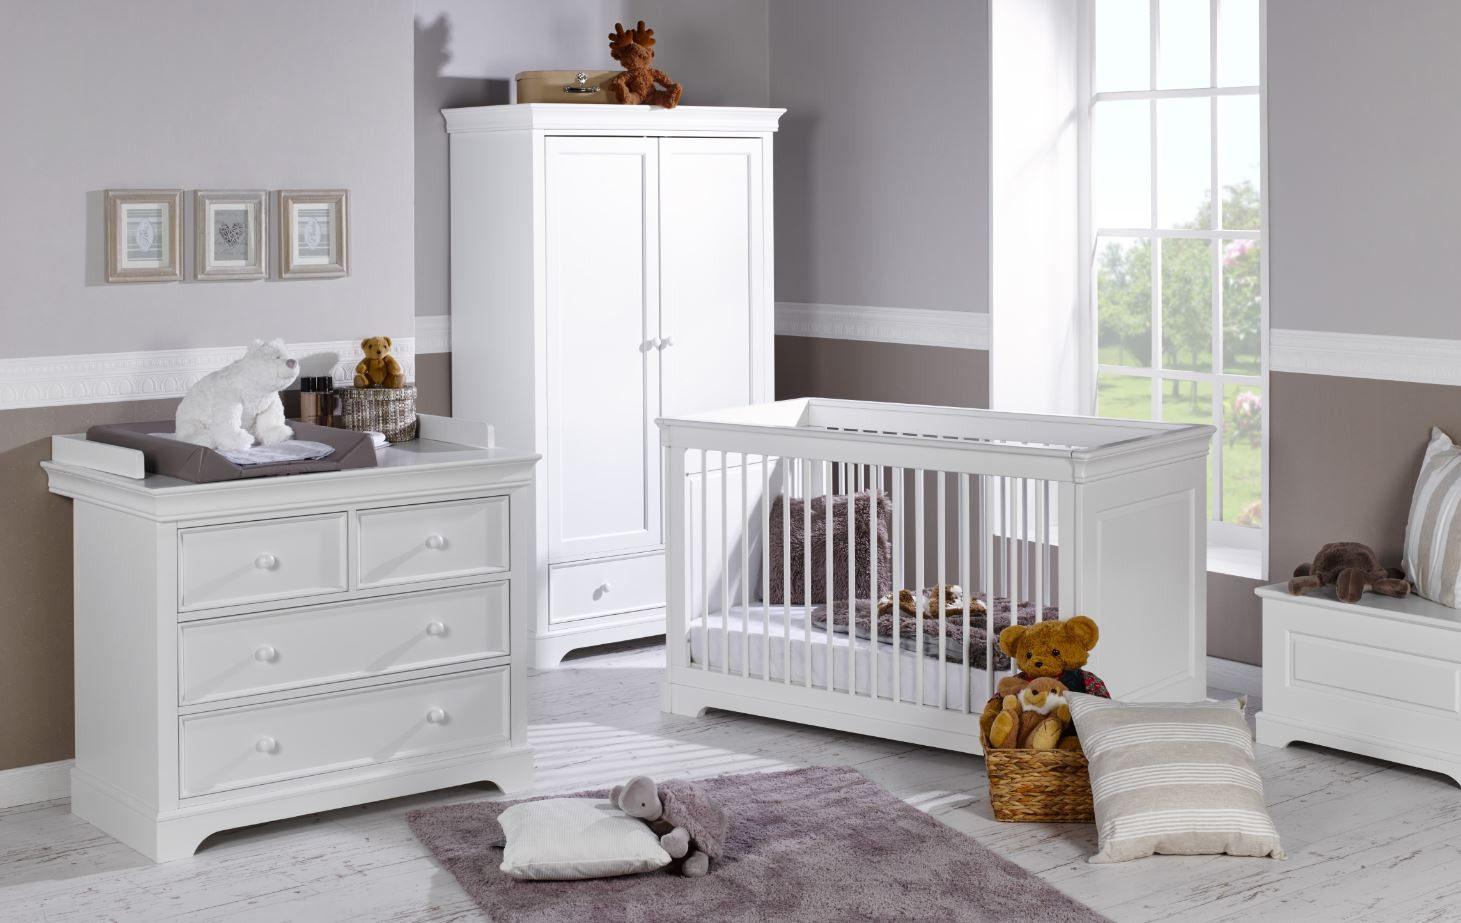 Lit Bébé Tiroir Nouveau Meilleur Lit Bébé Bébé Confort Baignoire New Armoire Chambre Bébé